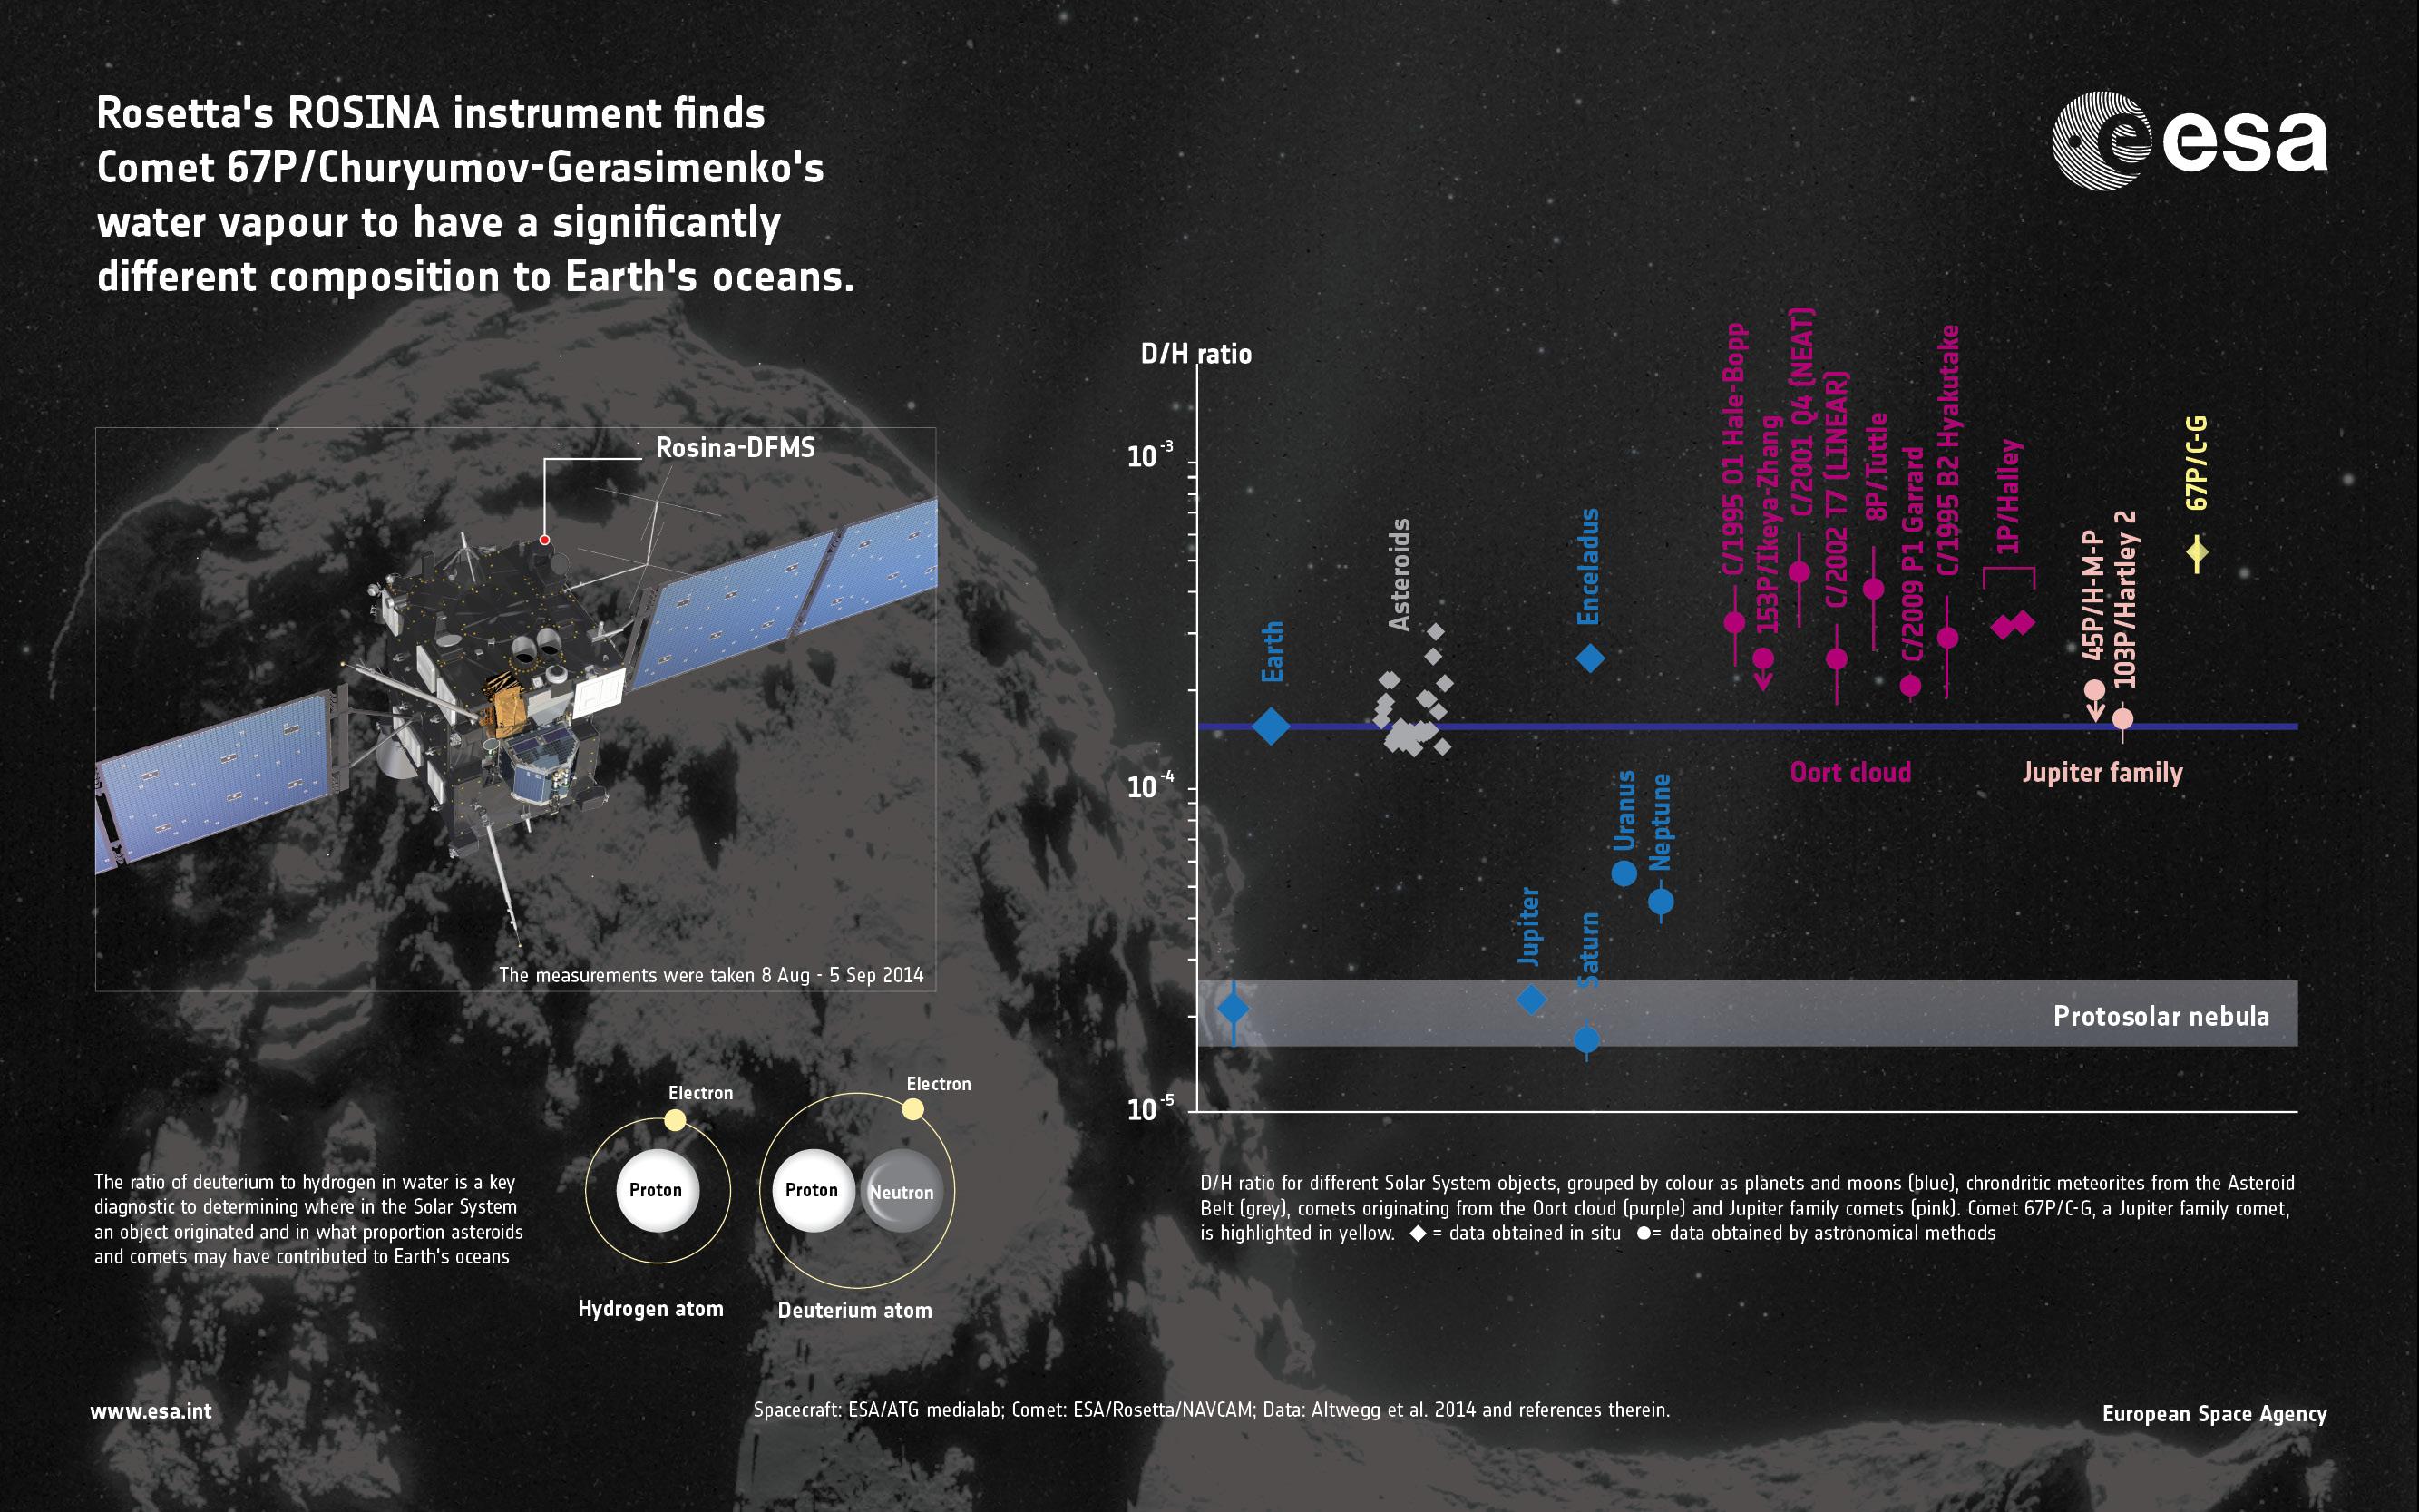 [Sujet unique] 2014: Philae: le robot de la sonde Rosetta sur la comète Tchourioumov-Guérassimenko - Page 5 First_measurements_of_comet_s_water_ratio